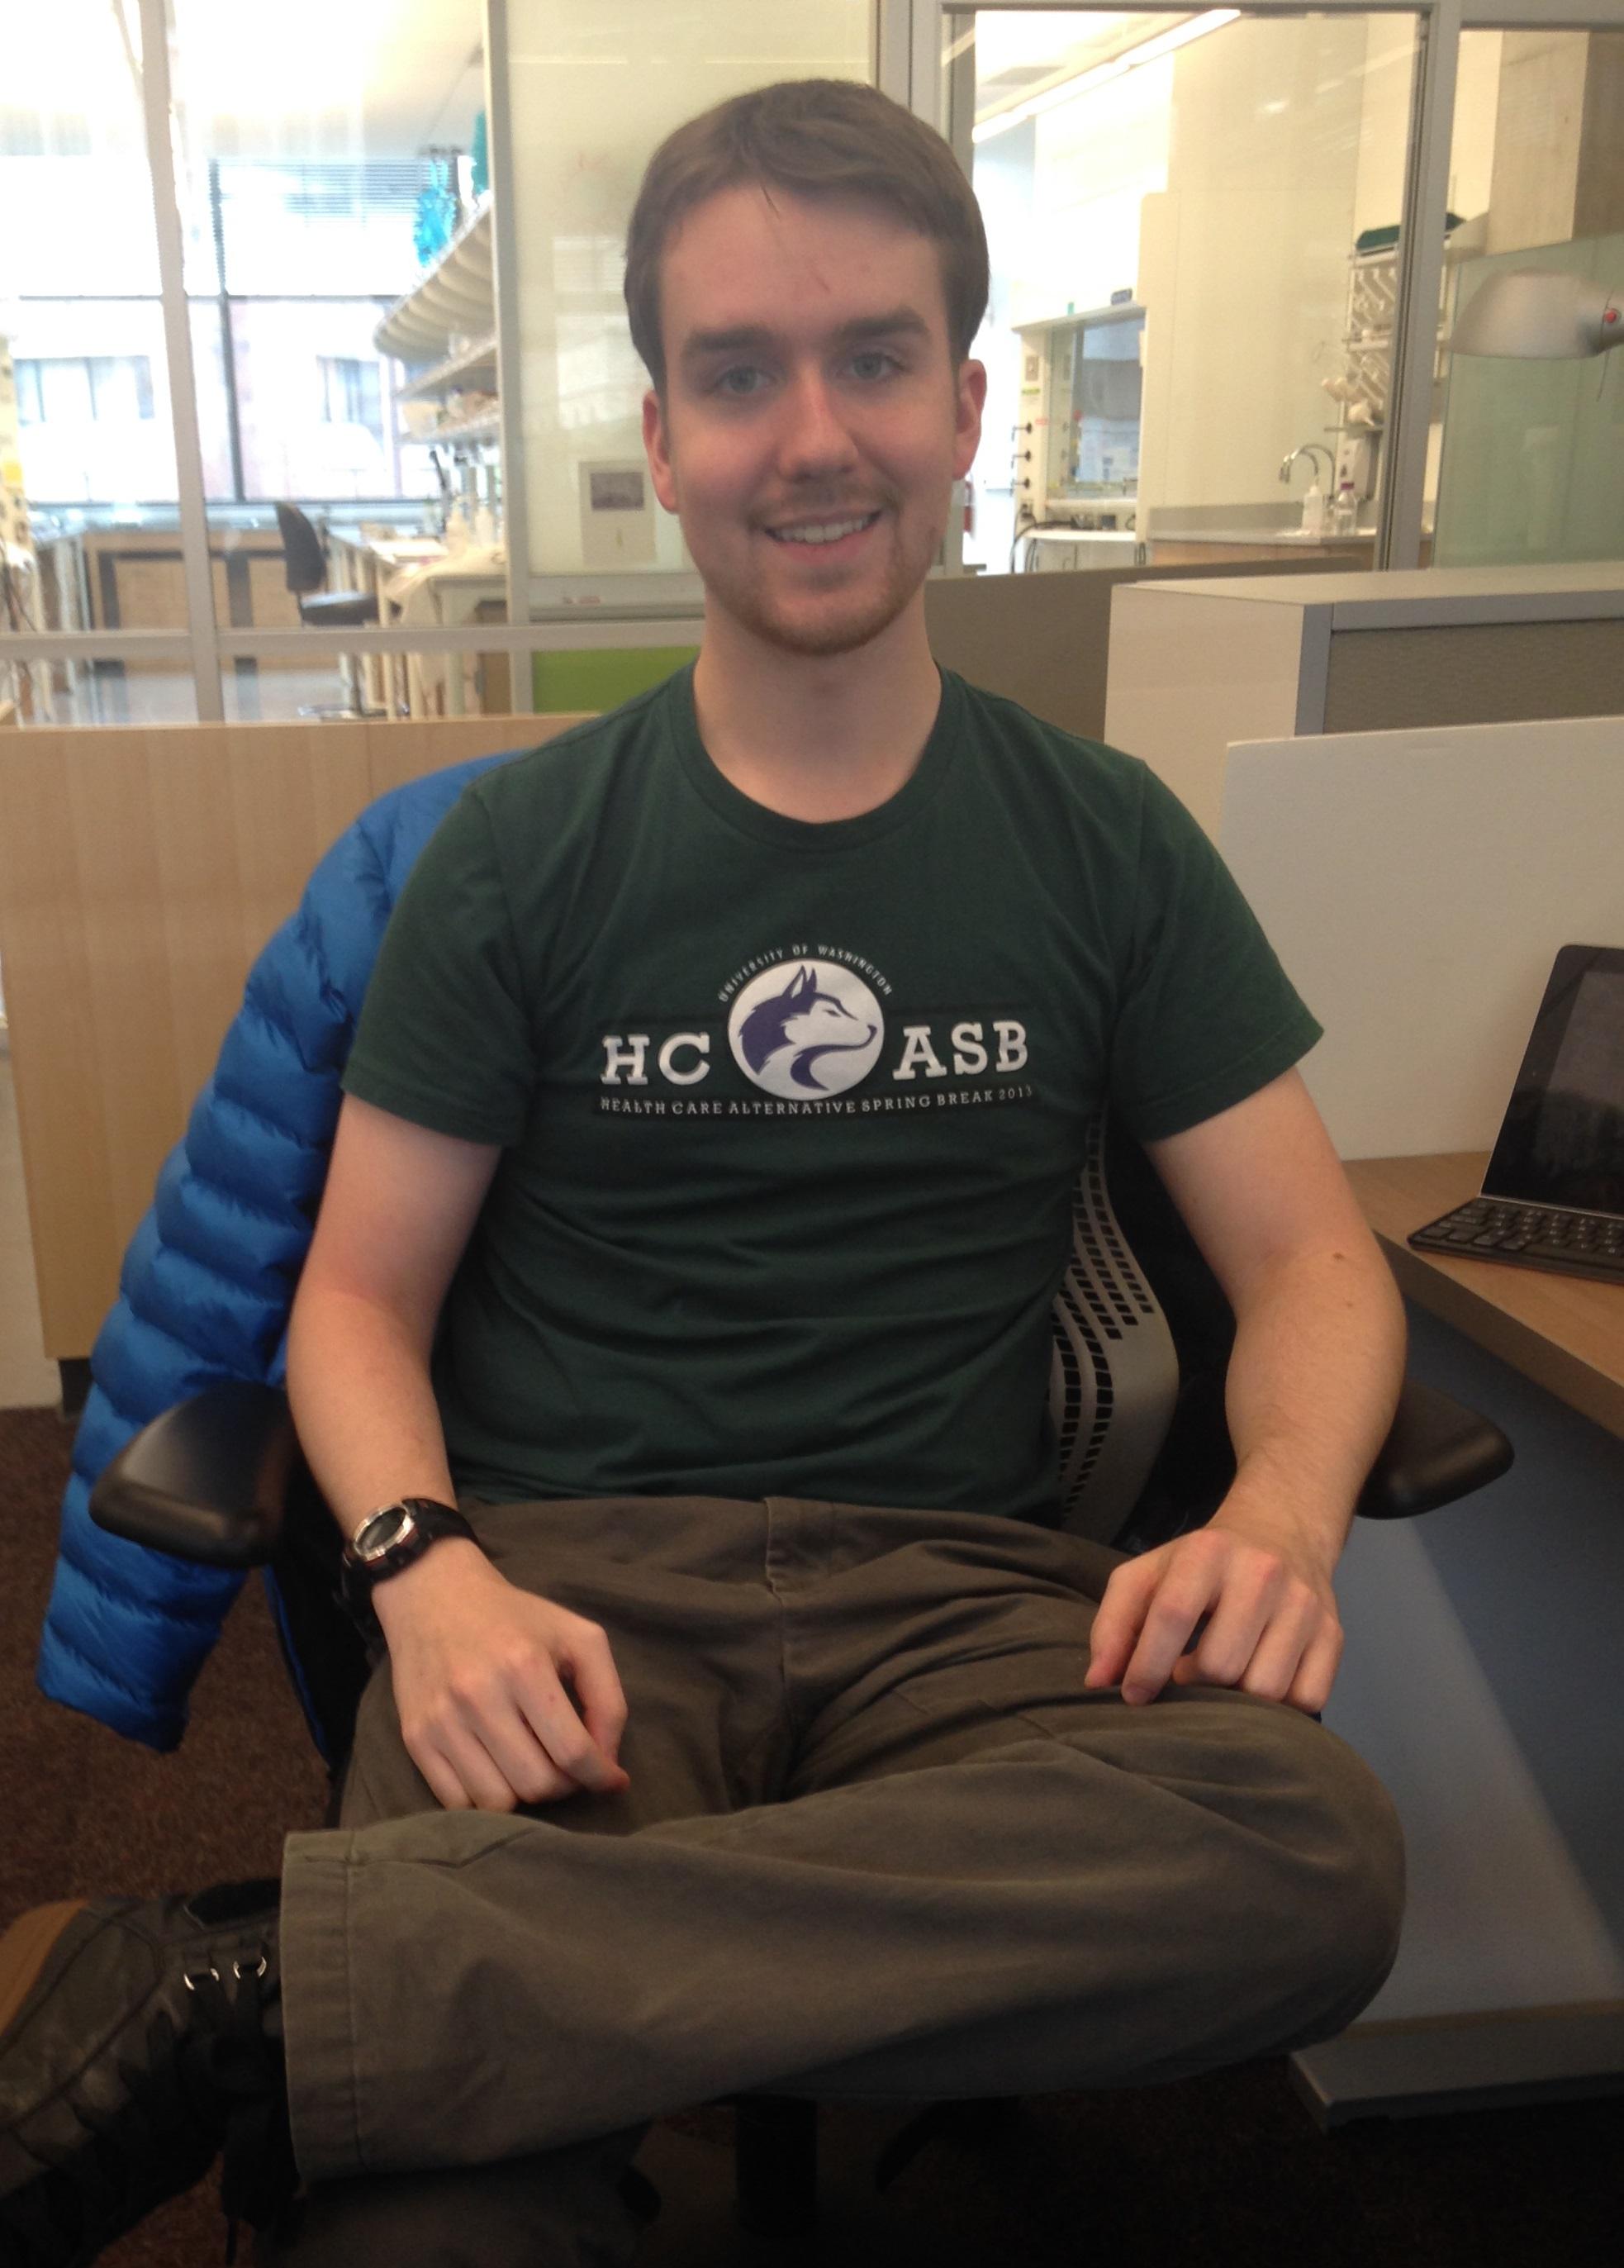 Jeremy Housekeeper in lab